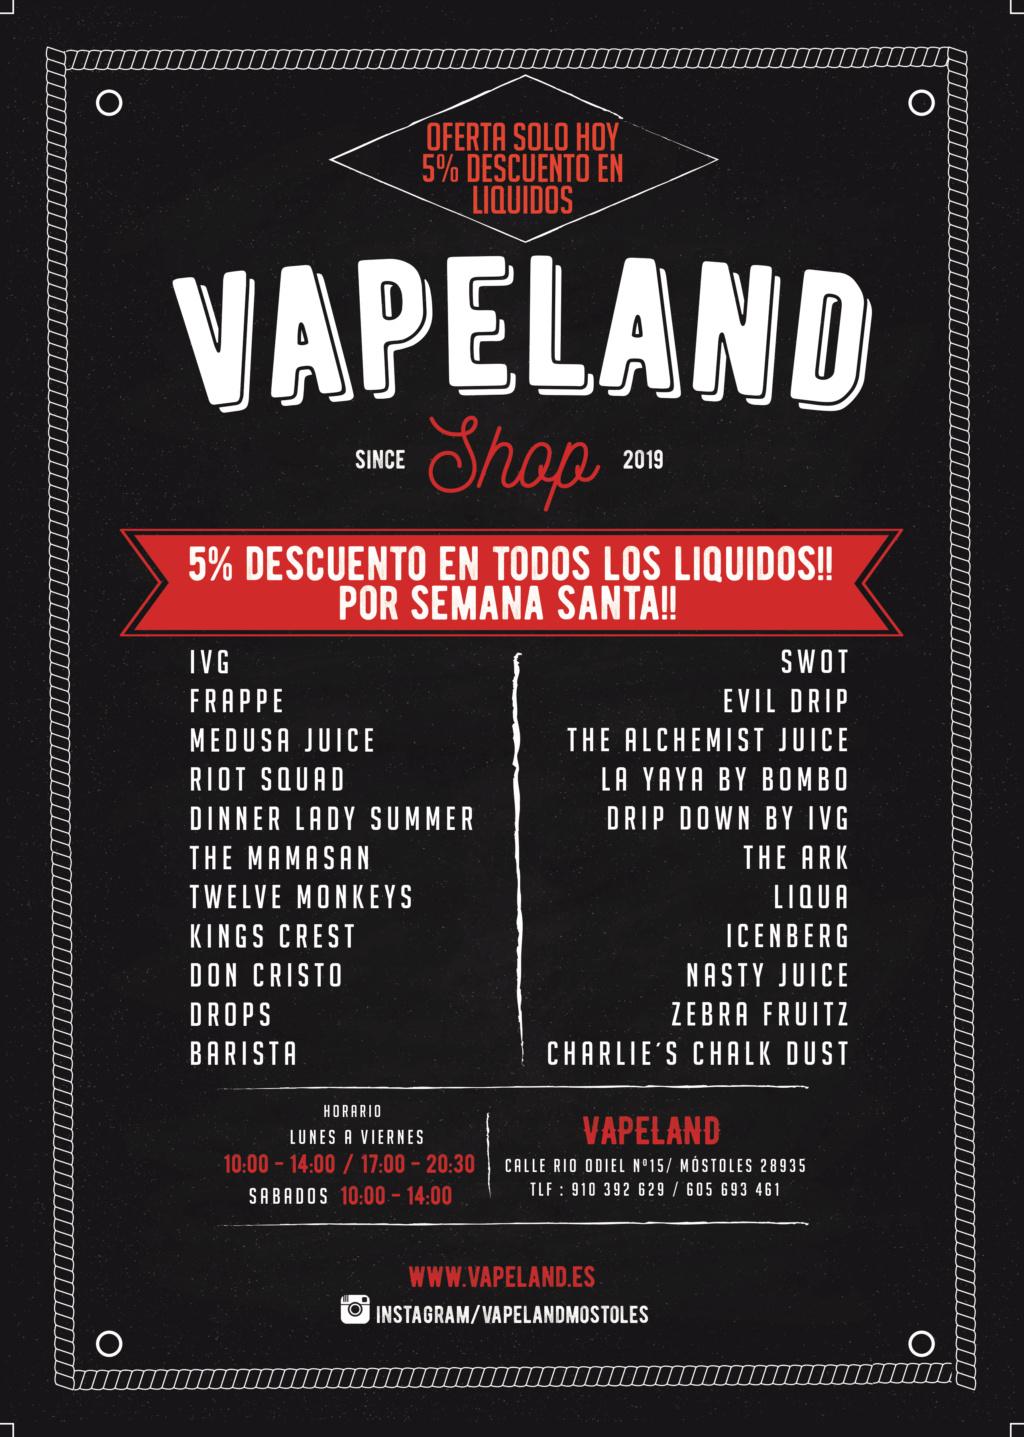 Vapeland.es (OFERTAS & DESCUENTOS) Vapela11